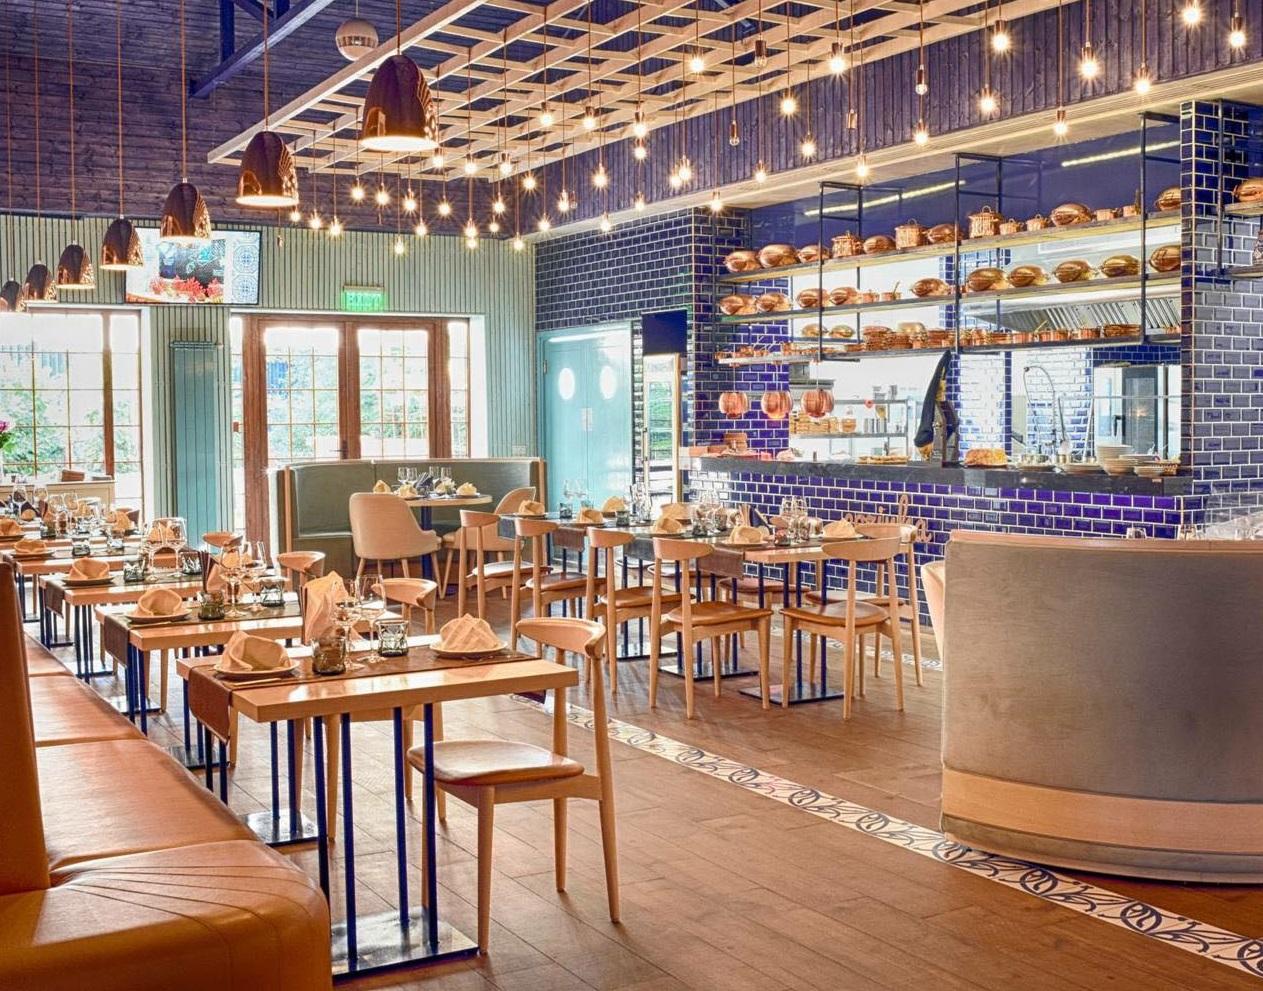 imagine din restaurant dancing lobster, cu un perete din faianta albastra, podea de lemn, rafturi decorative cu vase de gatit din alama, si mese de patru persoane cu scaune din lemn, dar si o canapea lunga, din piele portocalie, o idee de restaurant de 8 martie